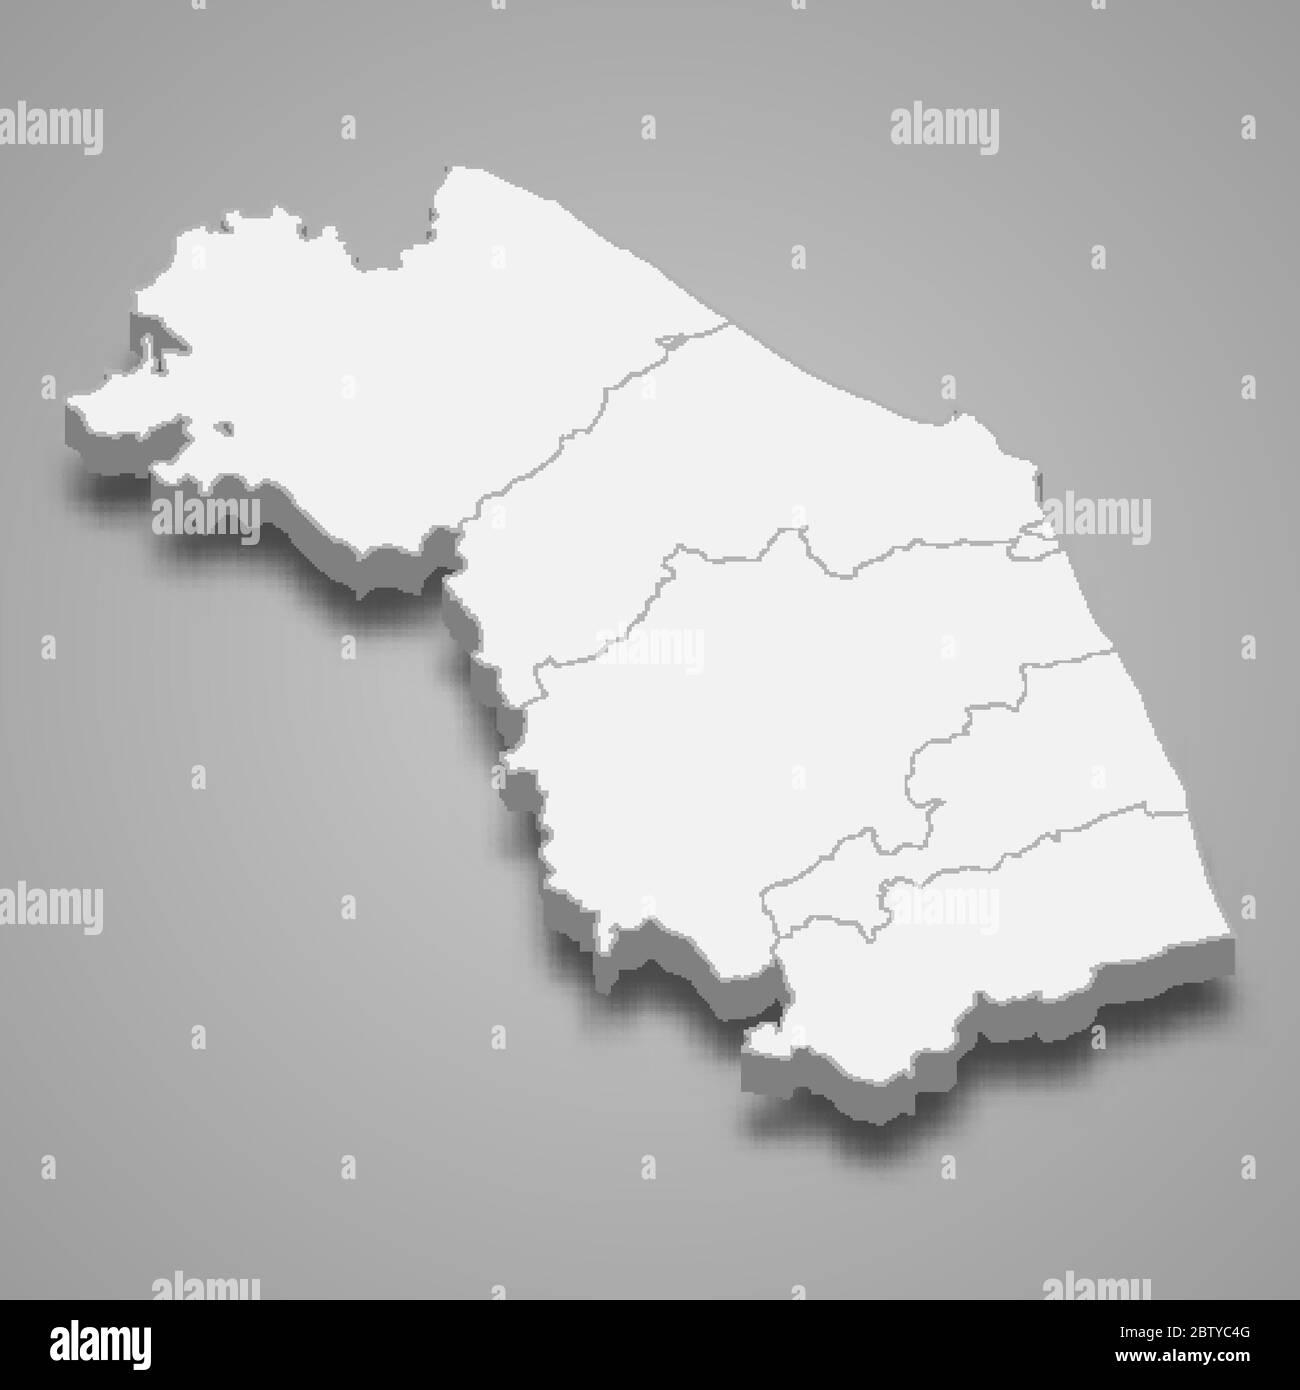 Cartina Politica Regione Marche.Mappa Delle Marche Immagini E Fotos Stock Alamy